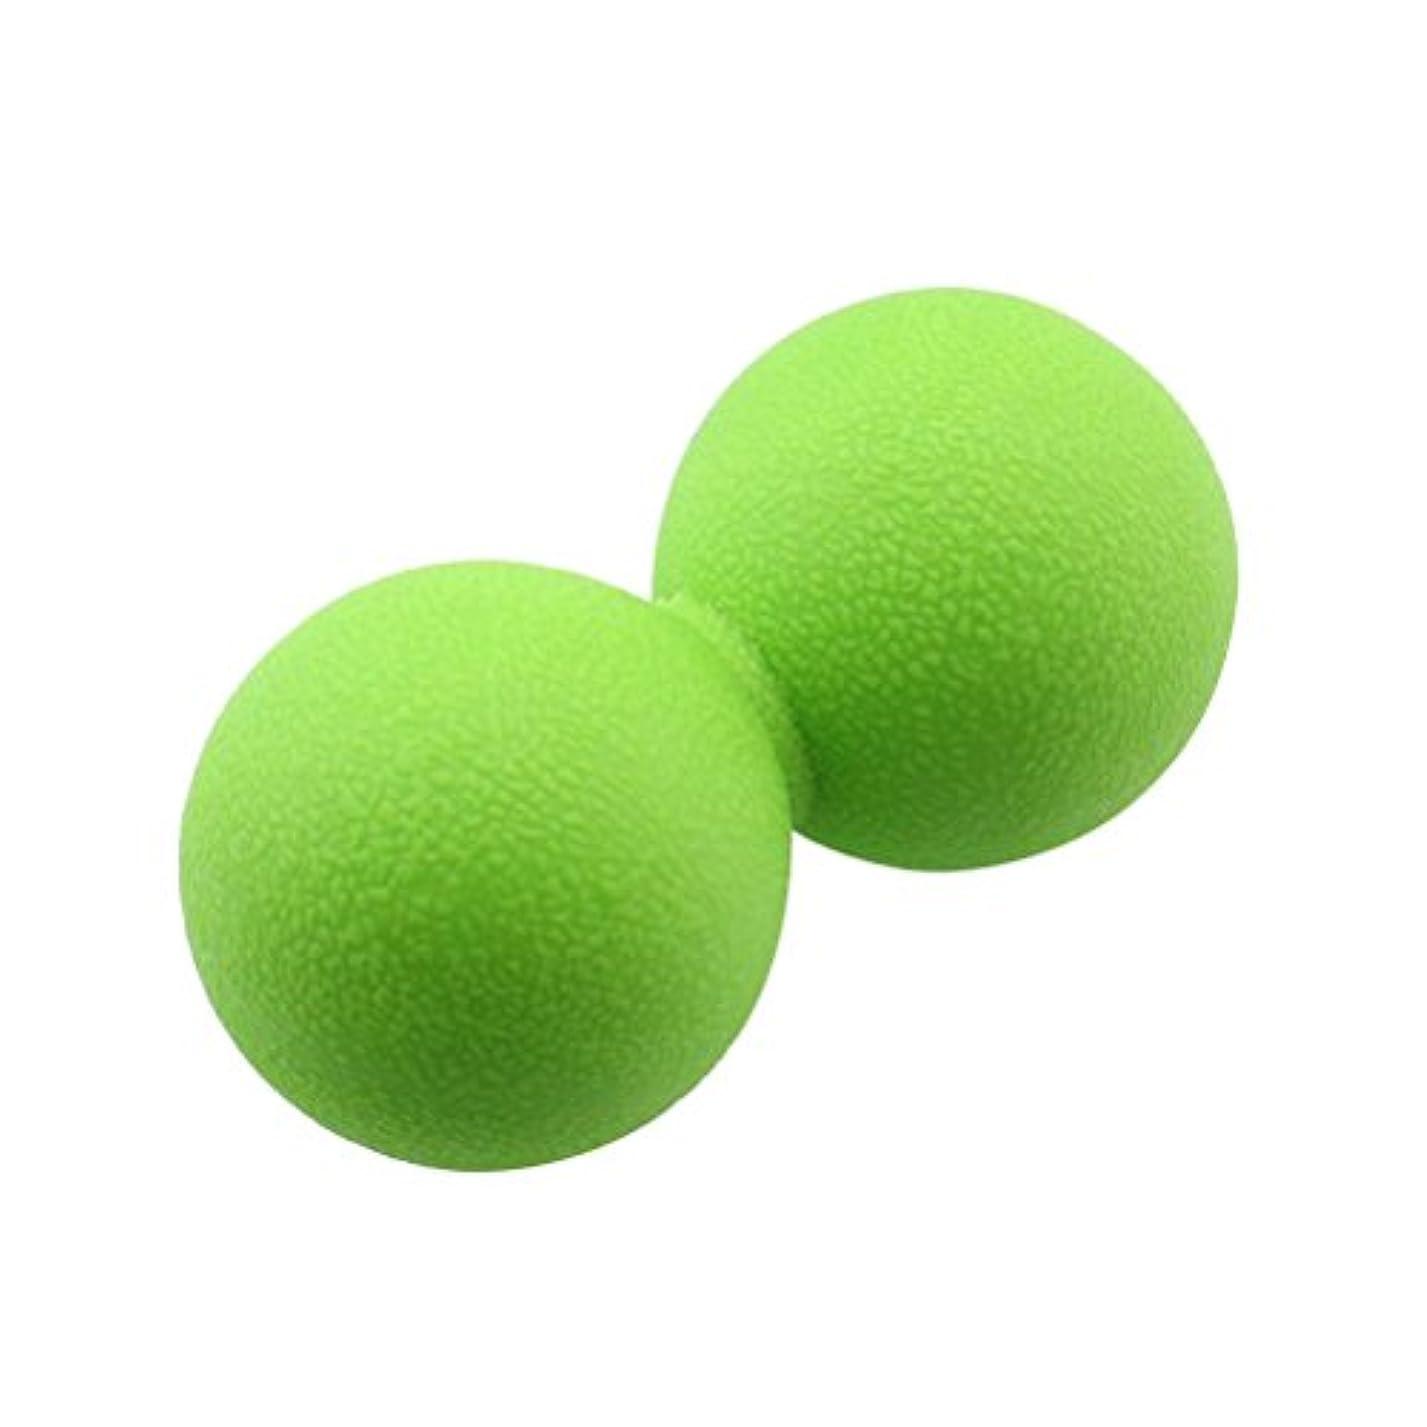 ブルジョンニンニク怪しいVORCOOL マッサージボール ストレッチボール ハードタイプ トリガーポイント トレーニング 背中 肩こり 腰 ふくらはぎ 足裏 ツボ押しグッズ スーパーハードタイプ 筋肉痛を改善 運動前後(緑)